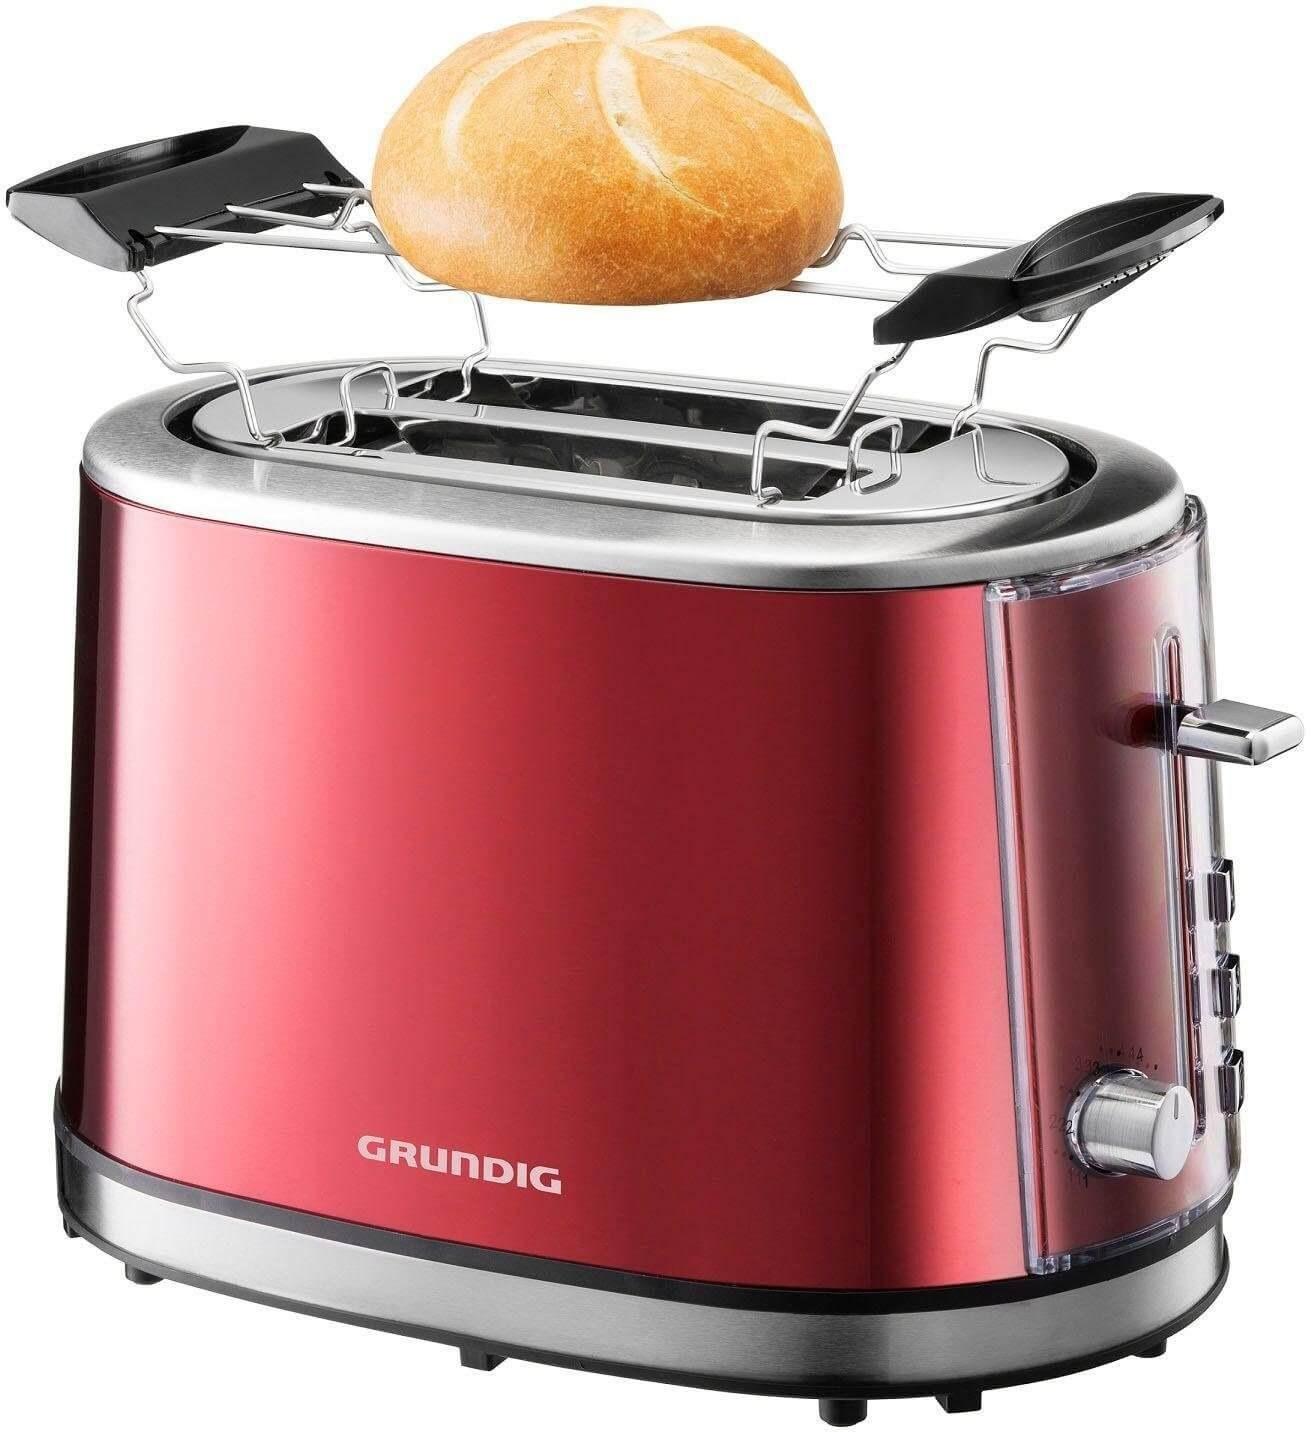 تصویر توستر گروندیگ آلمان Grundig Toaster TA 6330 850 W